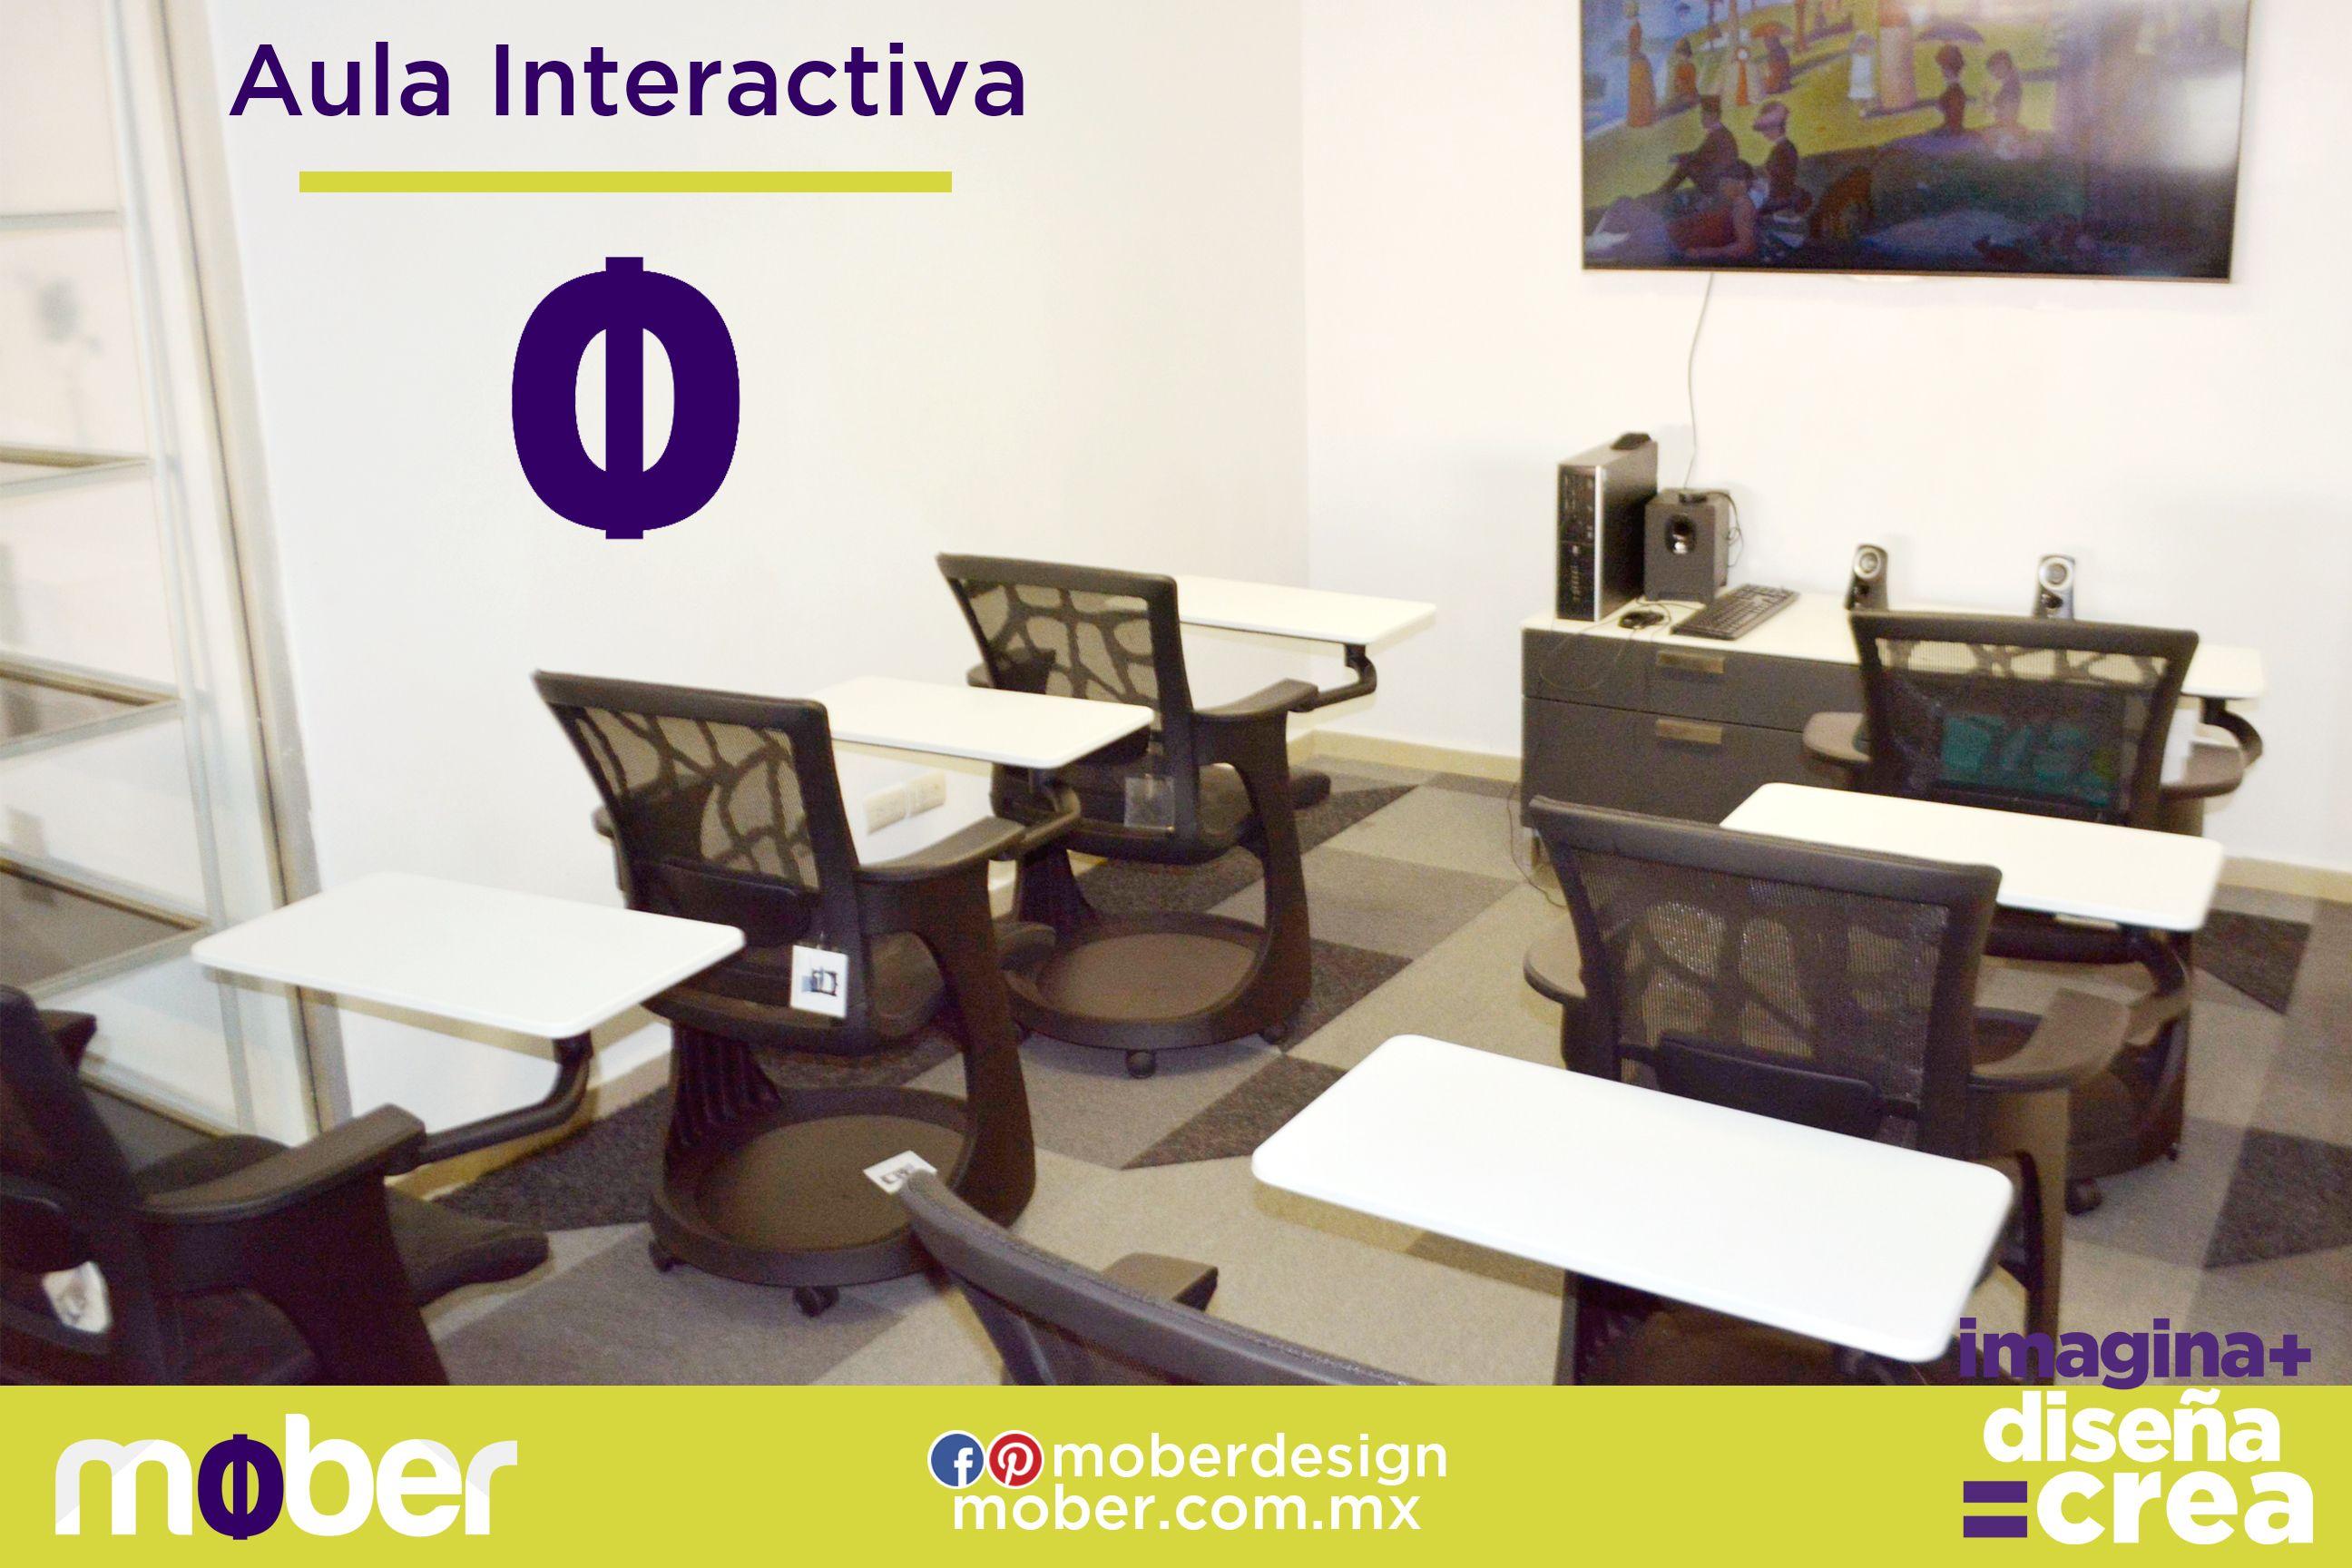 Mober le da a los espacios académicos el mayor confort gracias a su tecnología e incrementa el rendimiento escolar!